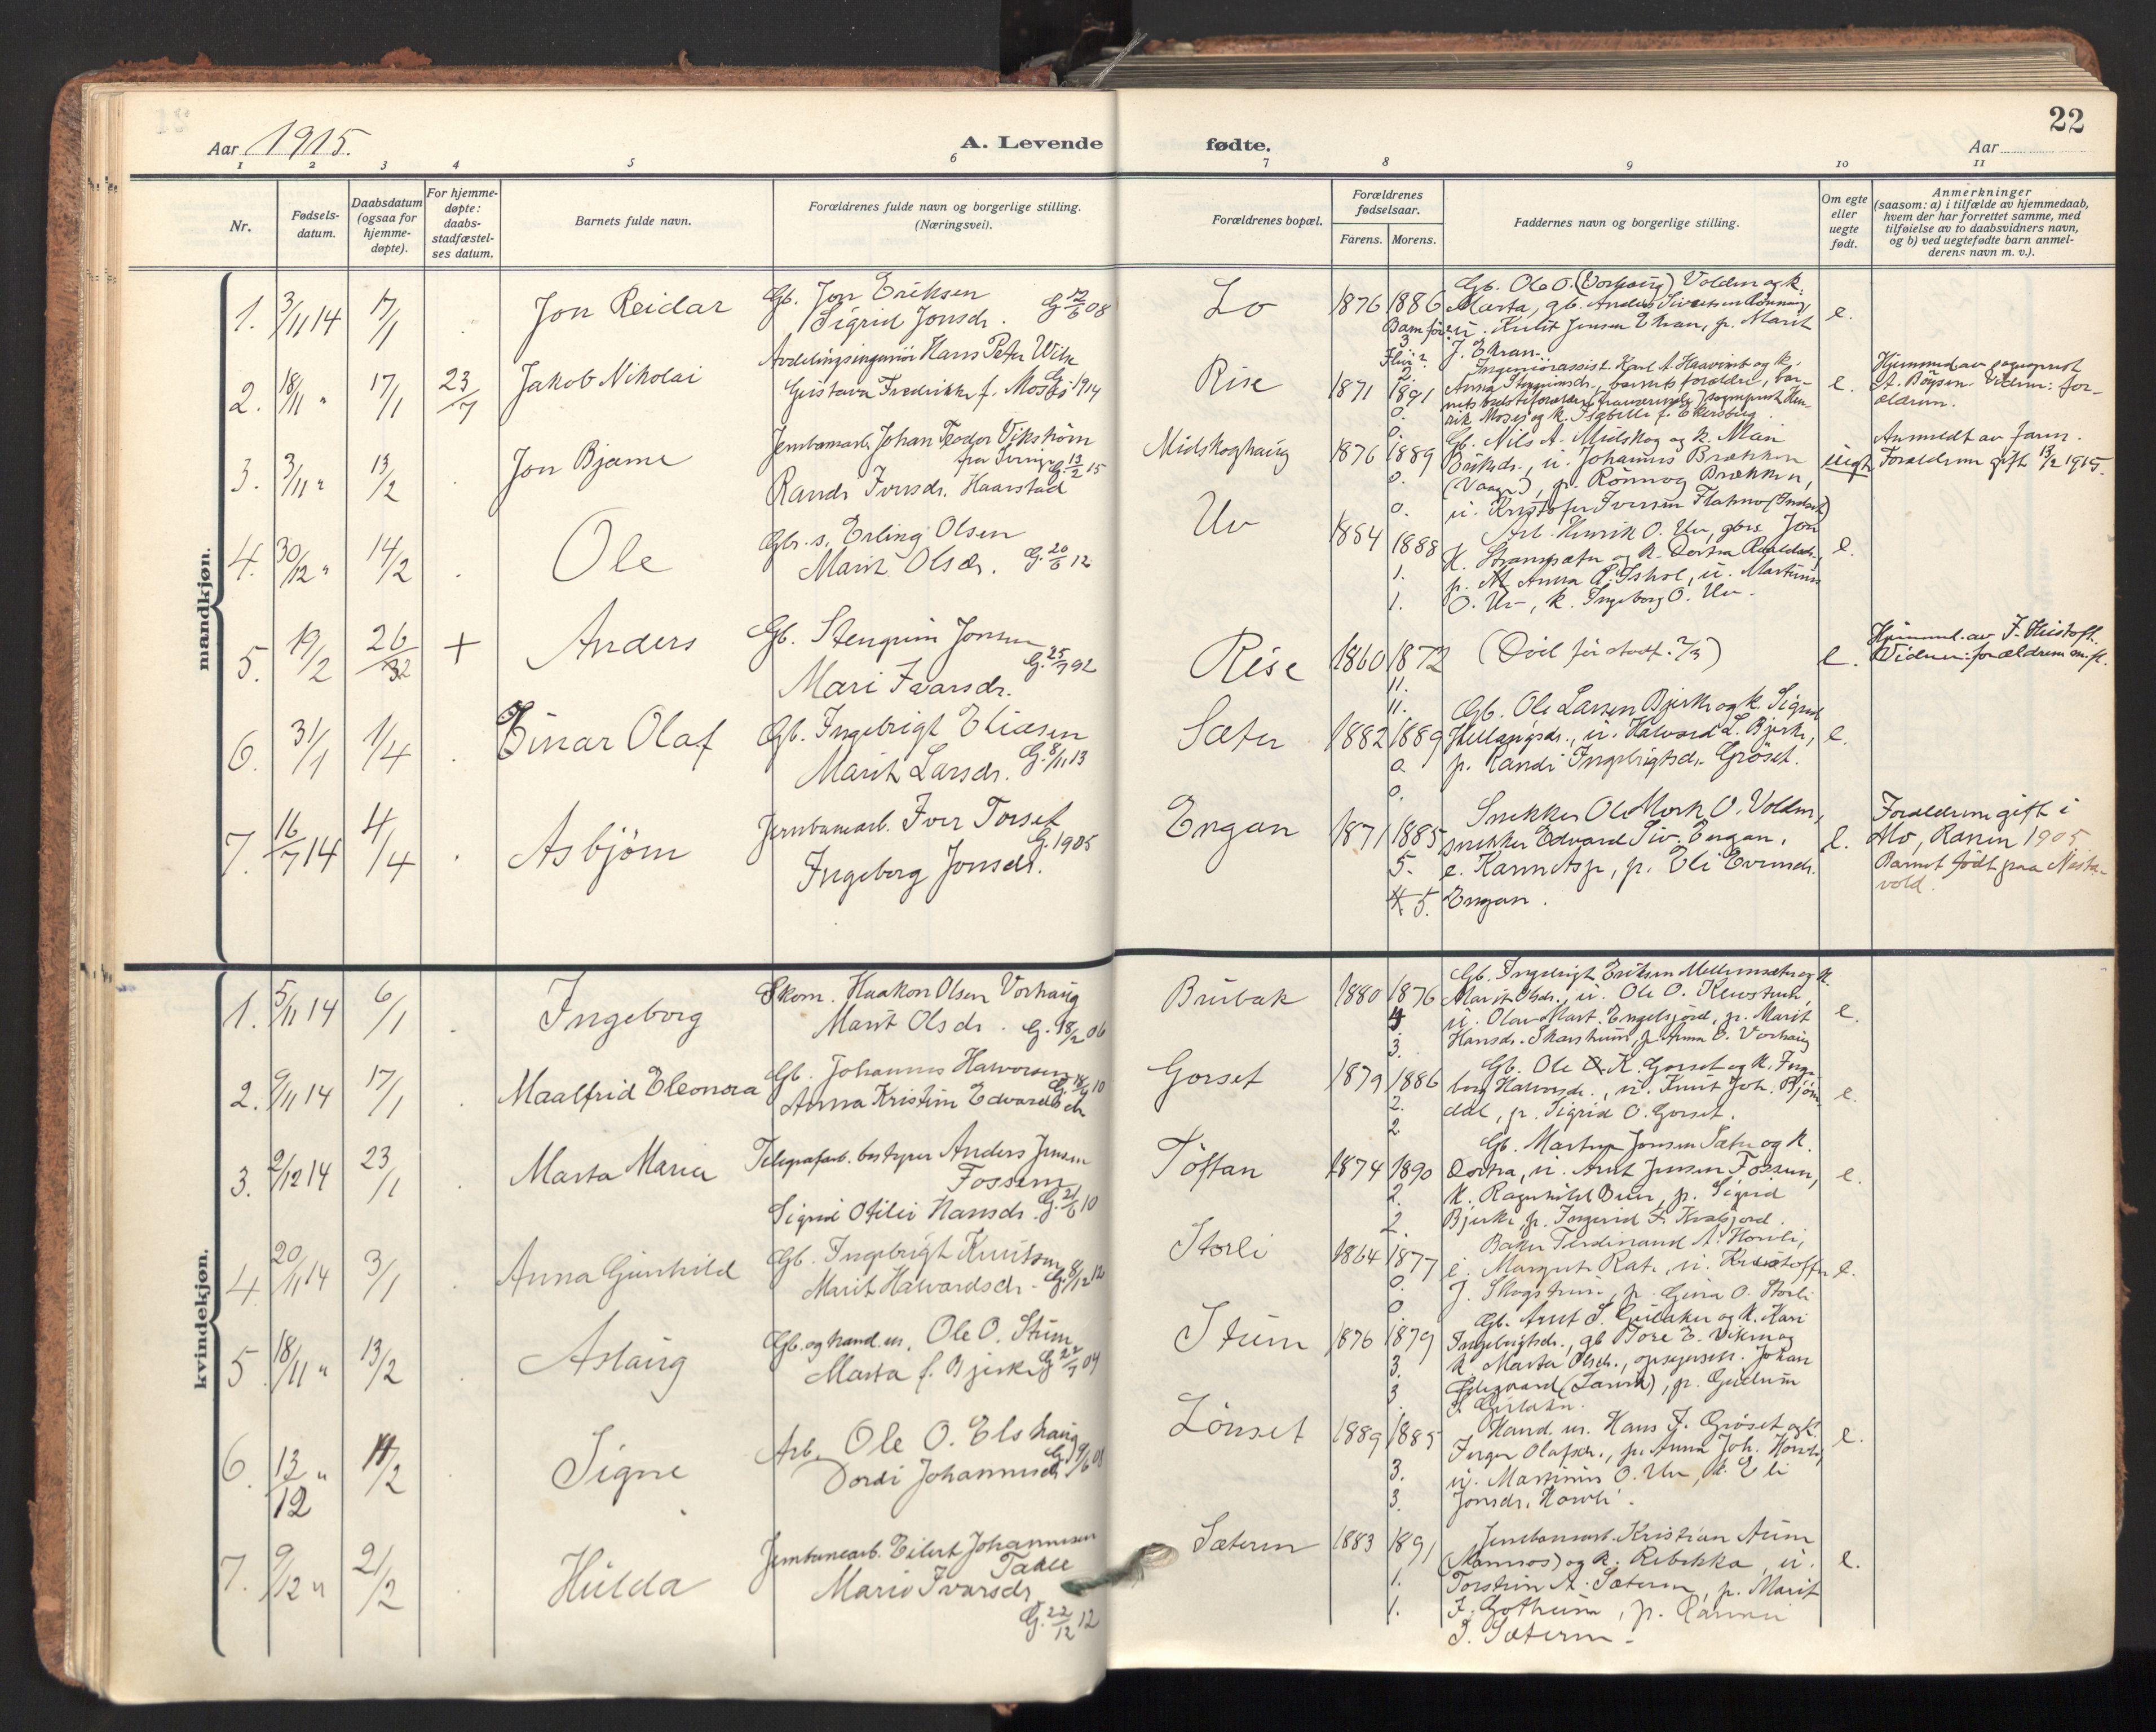 SAT, Ministerialprotokoller, klokkerbøker og fødselsregistre - Sør-Trøndelag, 678/L0909: Ministerialbok nr. 678A17, 1912-1930, s. 22